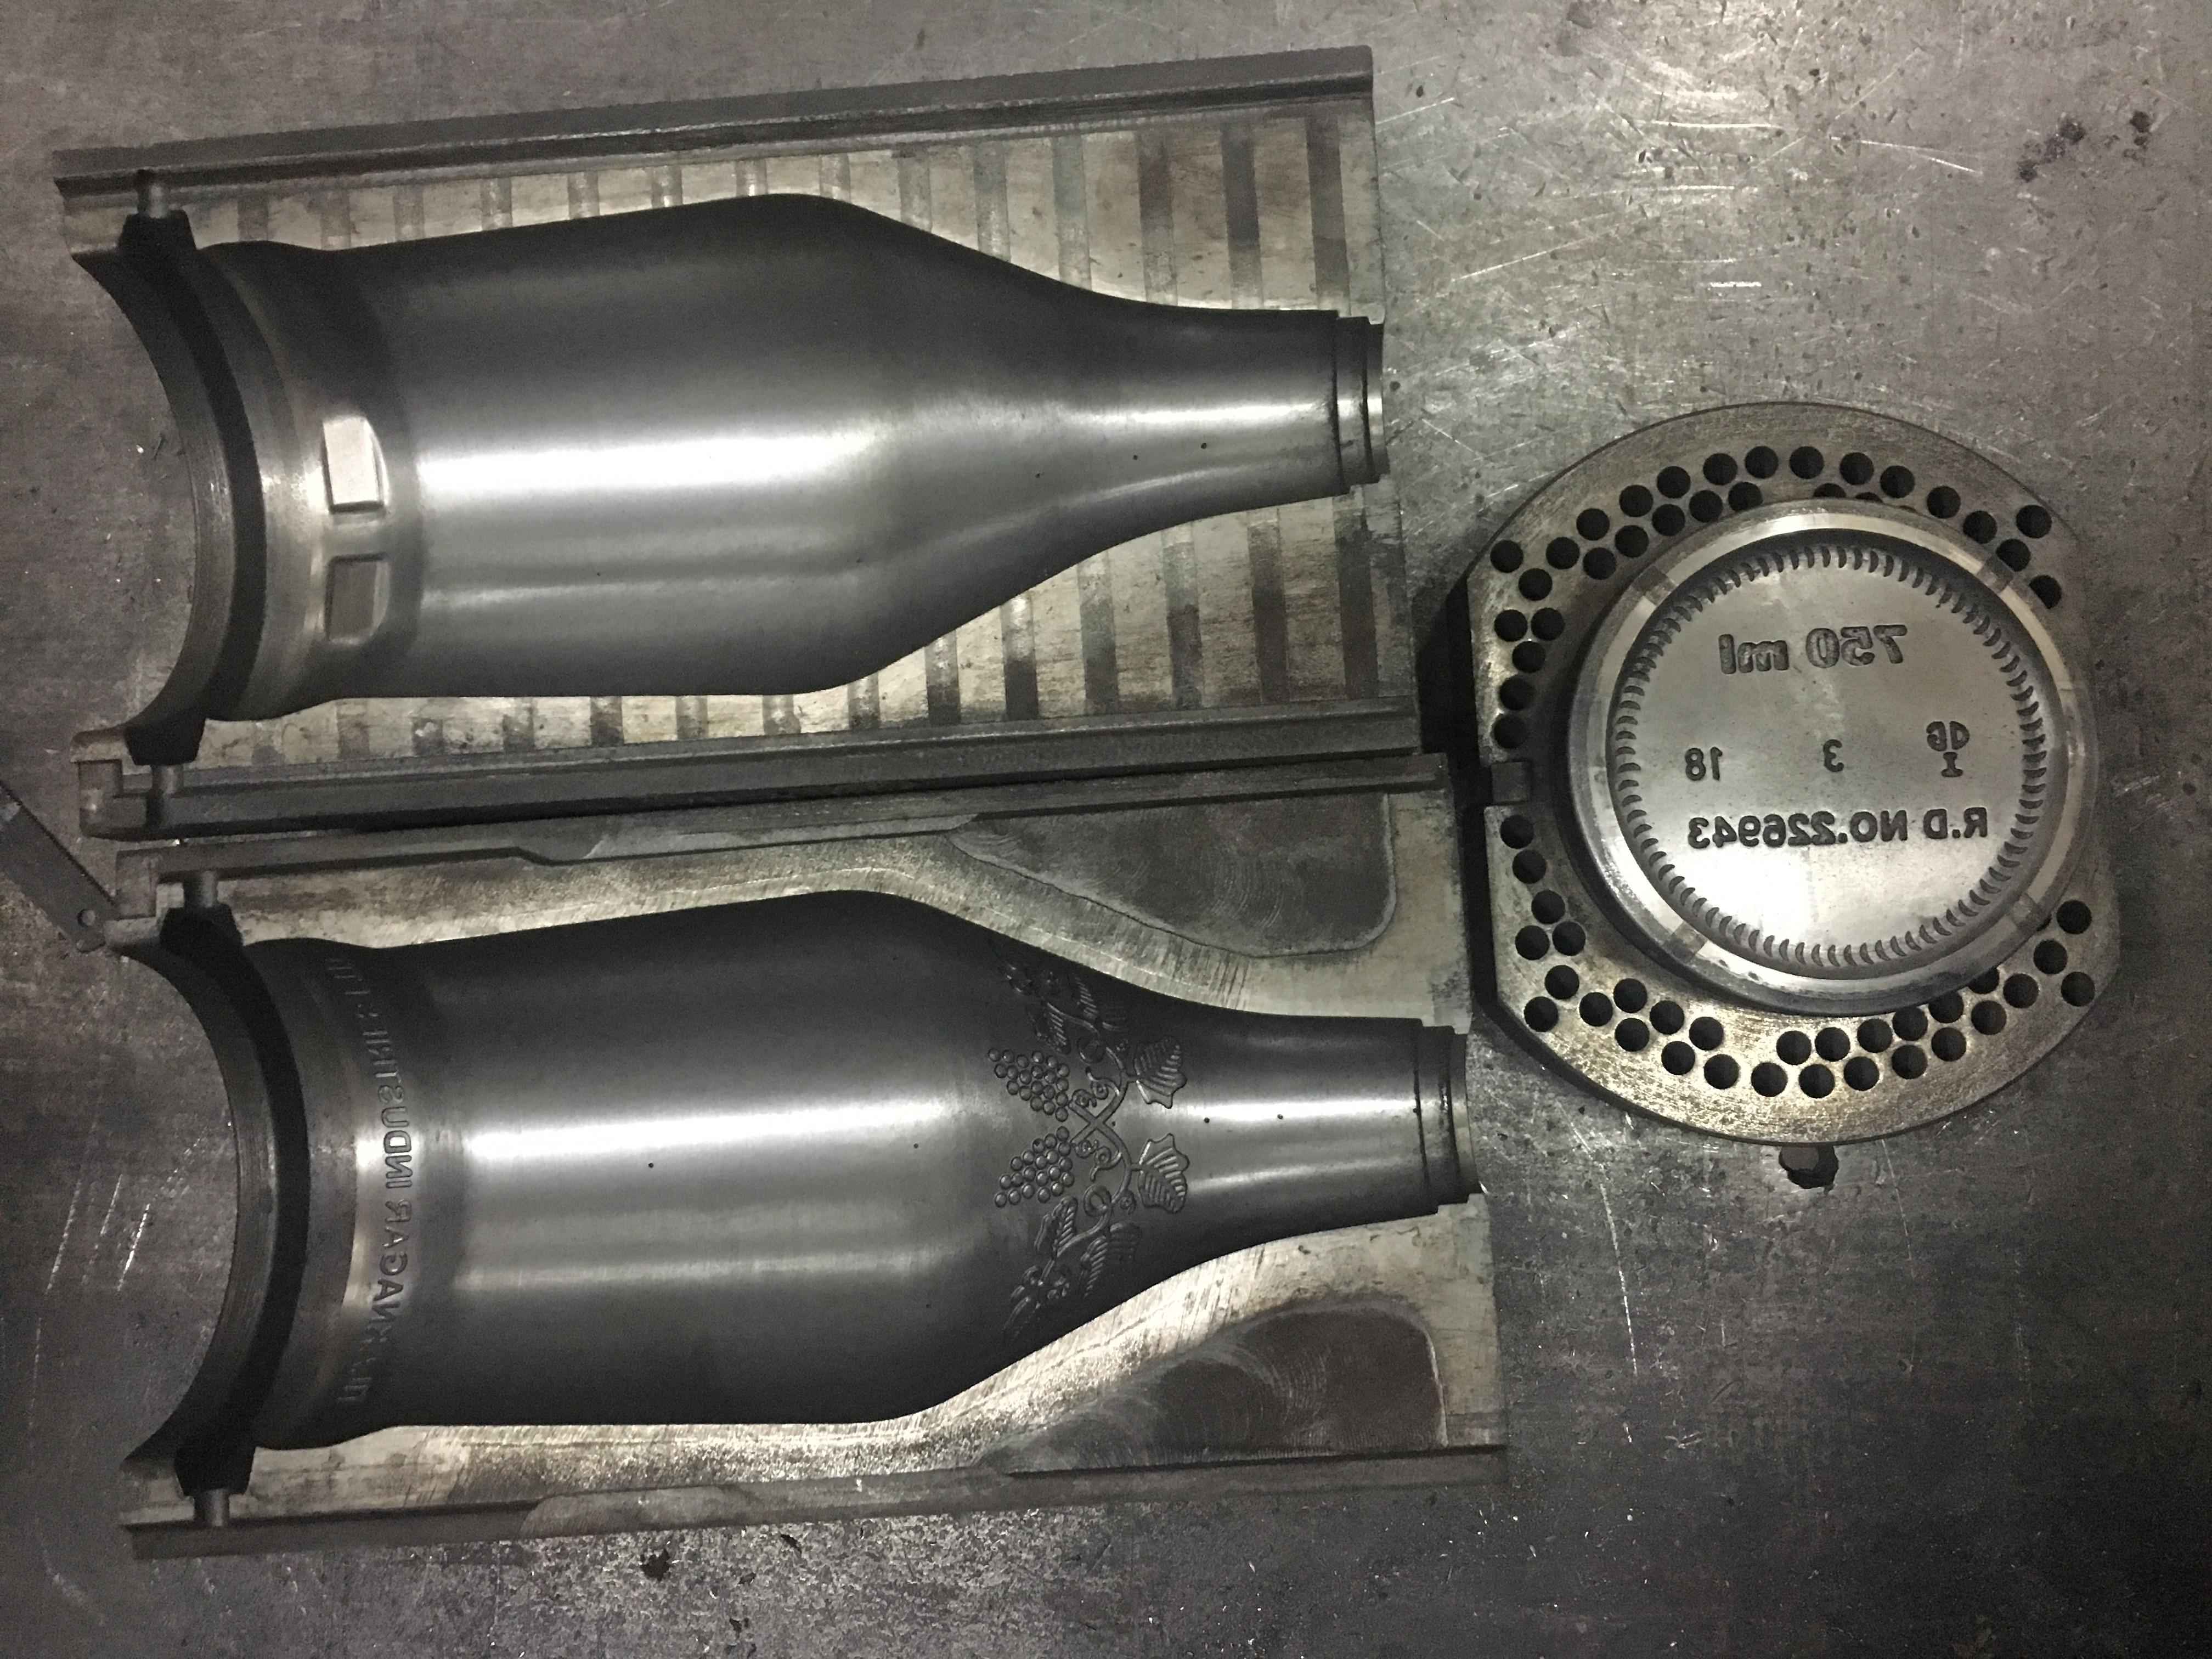 AGI glaspac mould